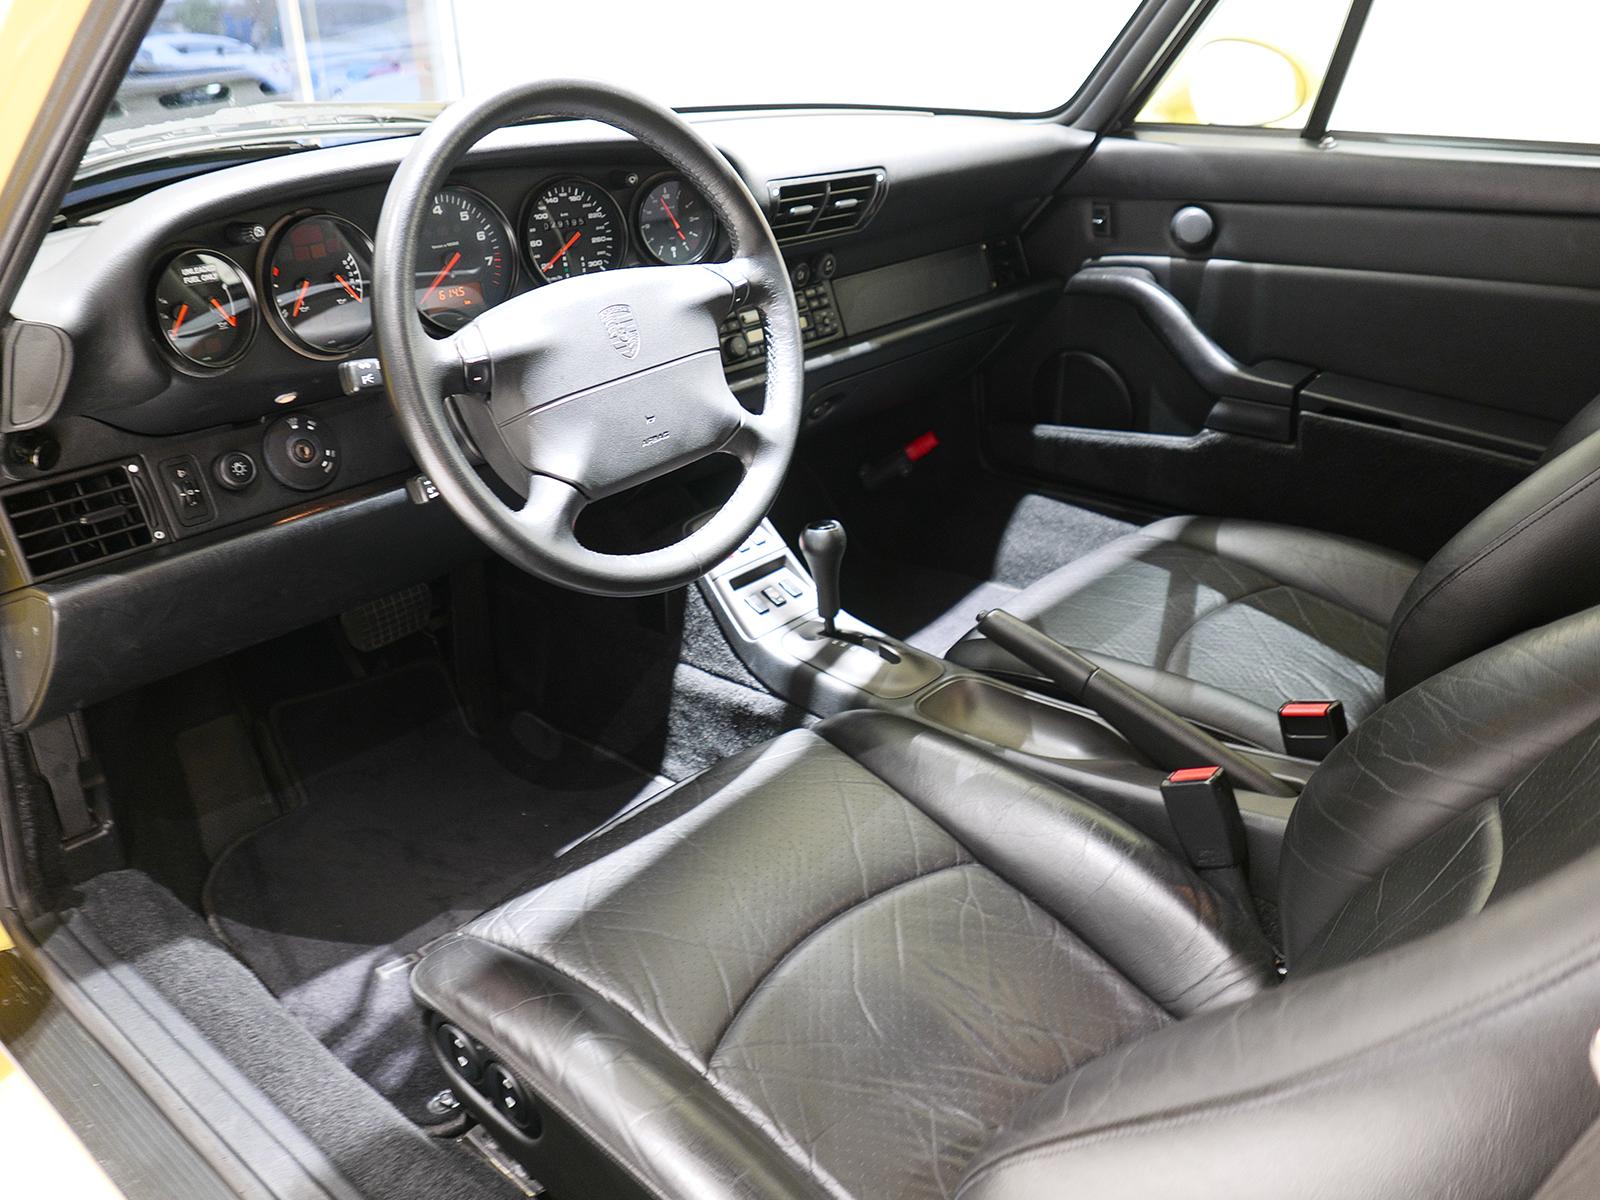 ポルシェ 911 タイプ993 カレラ タイプ Ⅰ 運転席